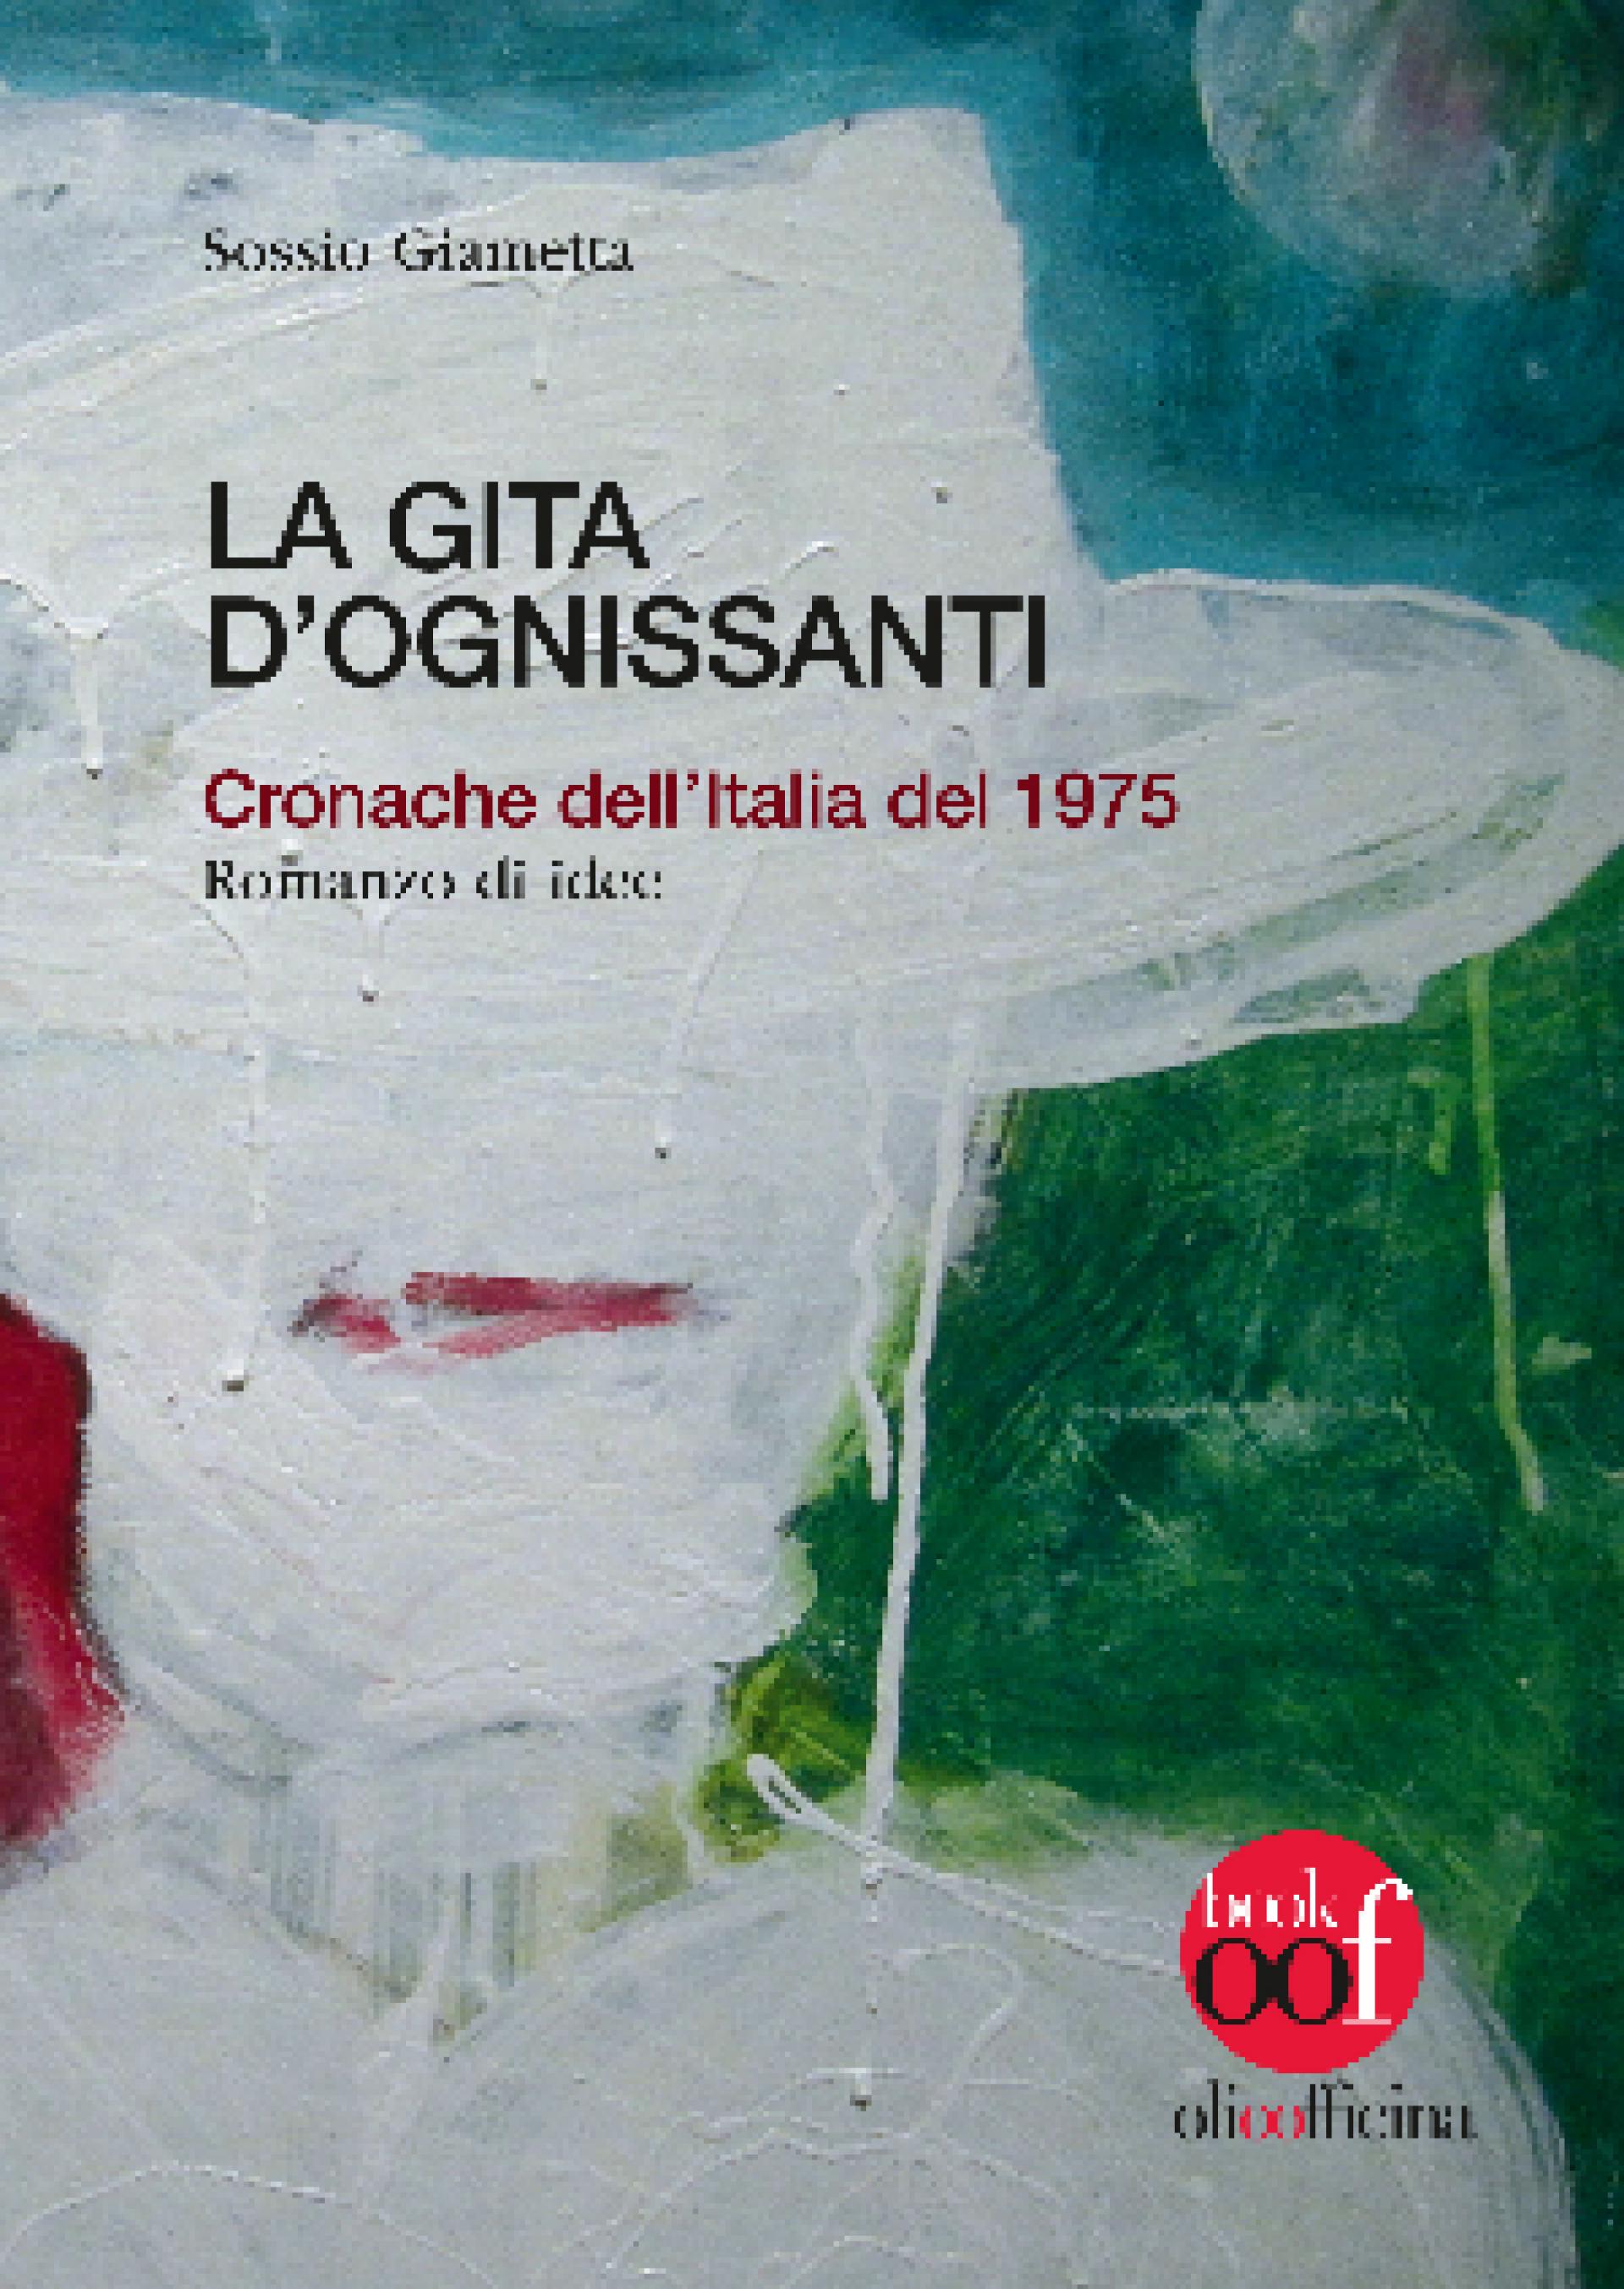 La gita d'Ognisanti. Cronache dell'Italia del 1975. Romanzo di idee